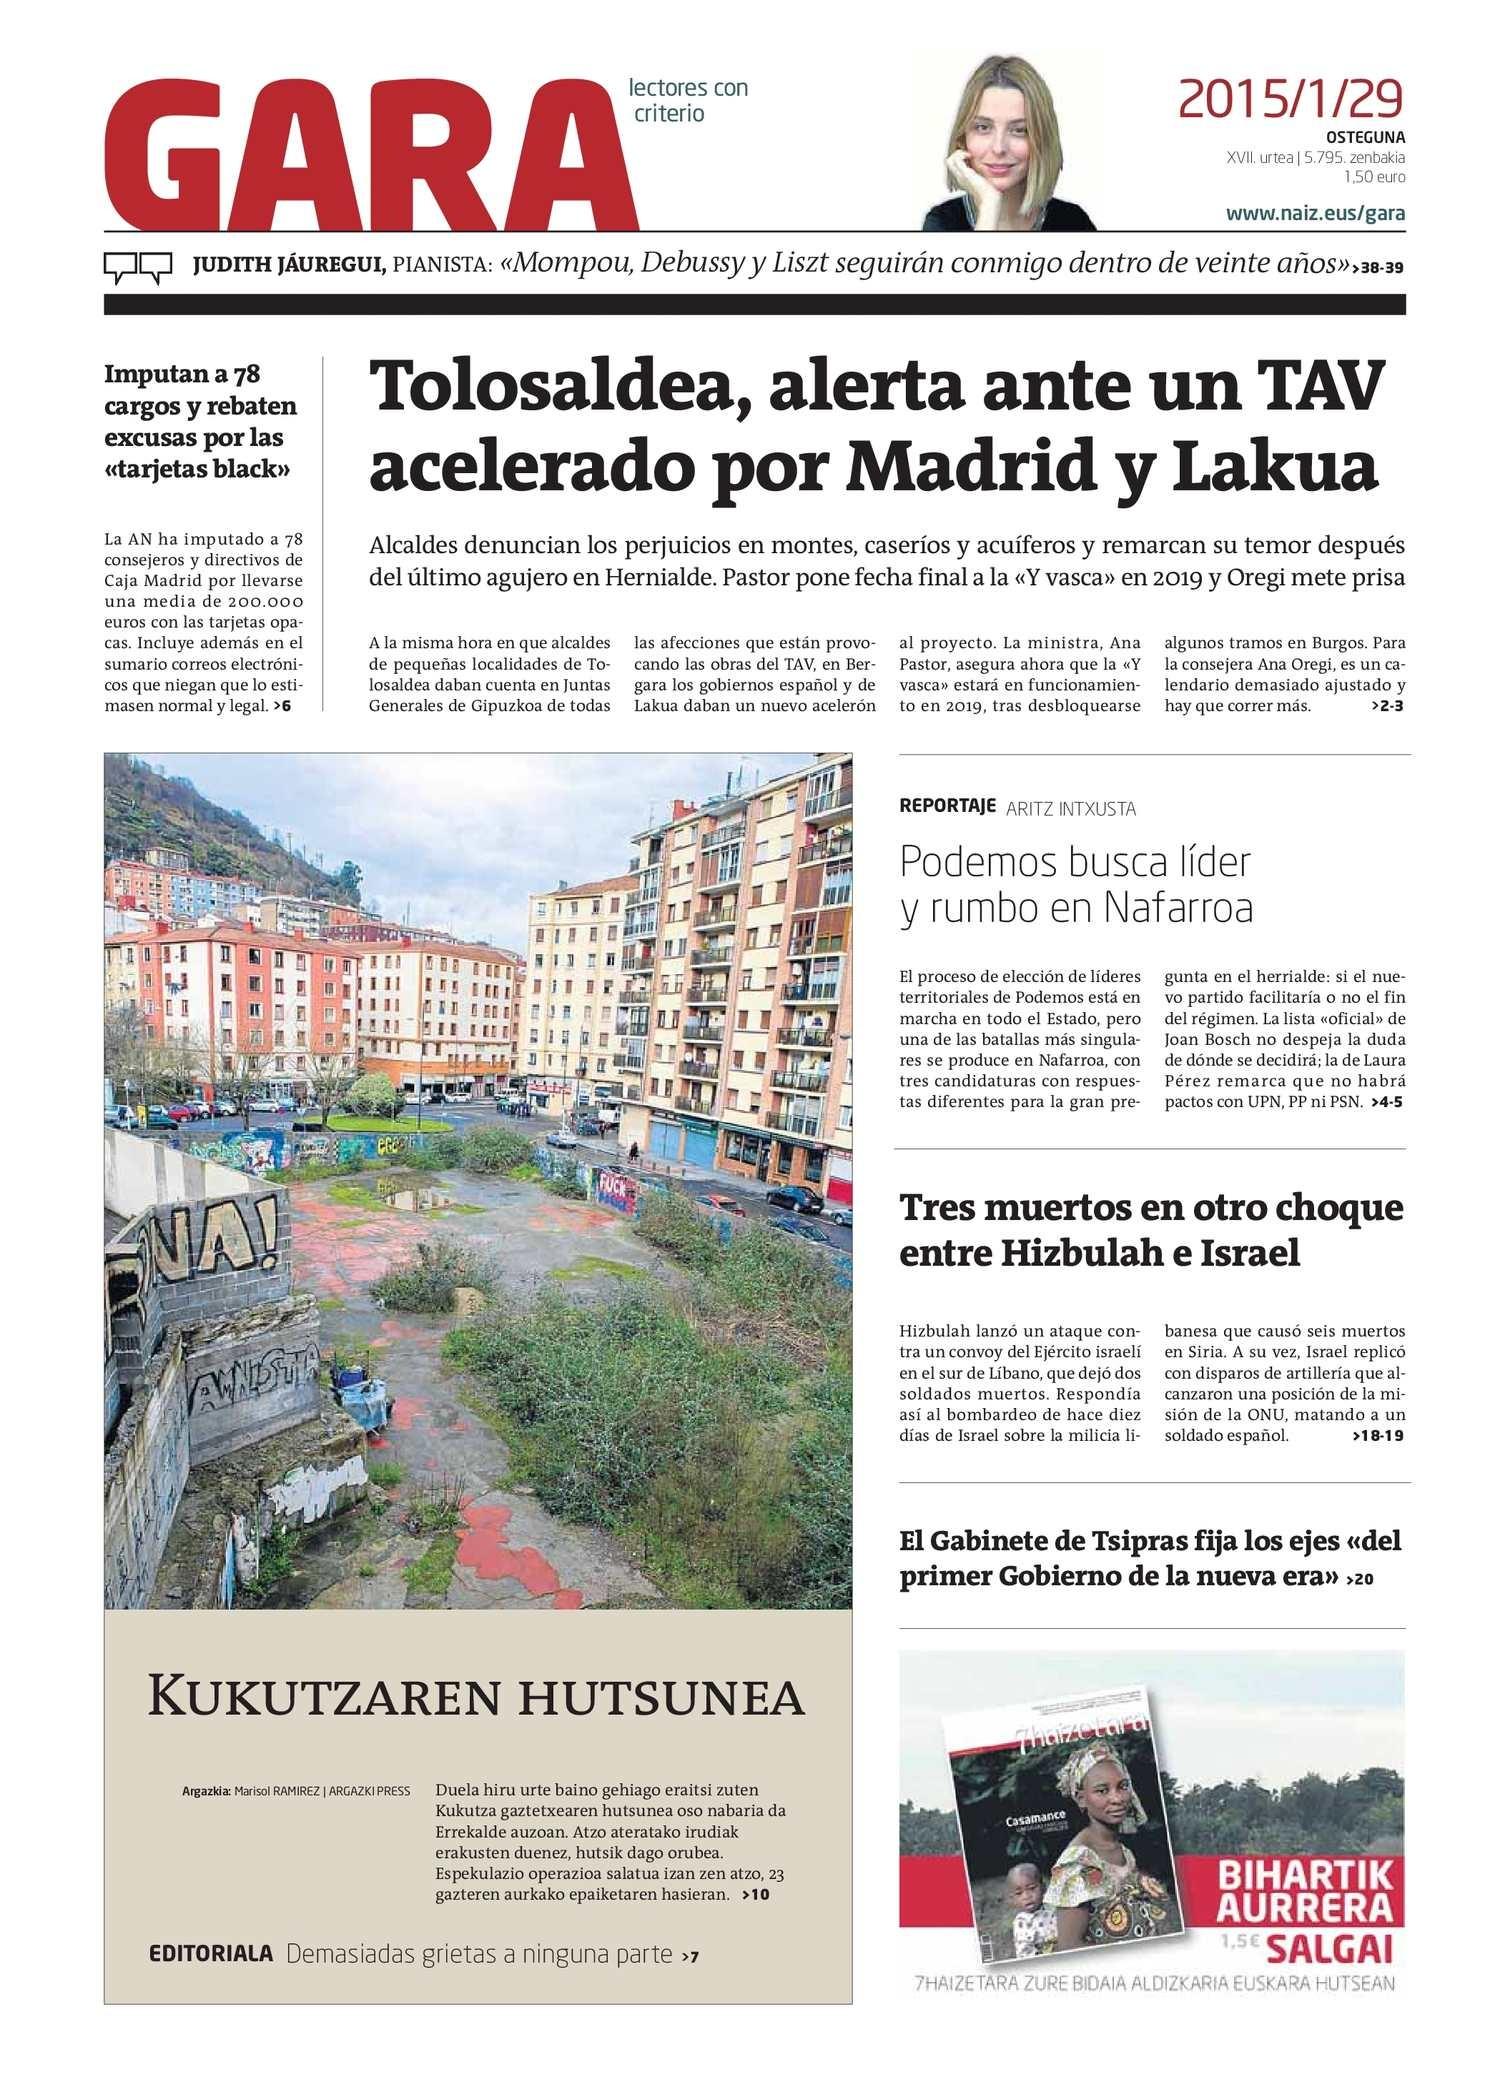 Calendario Electoral 2019 En Colombia Más Arriba-a-fecha Calaméo Gara Of Calendario Electoral 2019 En Colombia Más Arriba-a-fecha Calaméo Diario De Noticias De lava